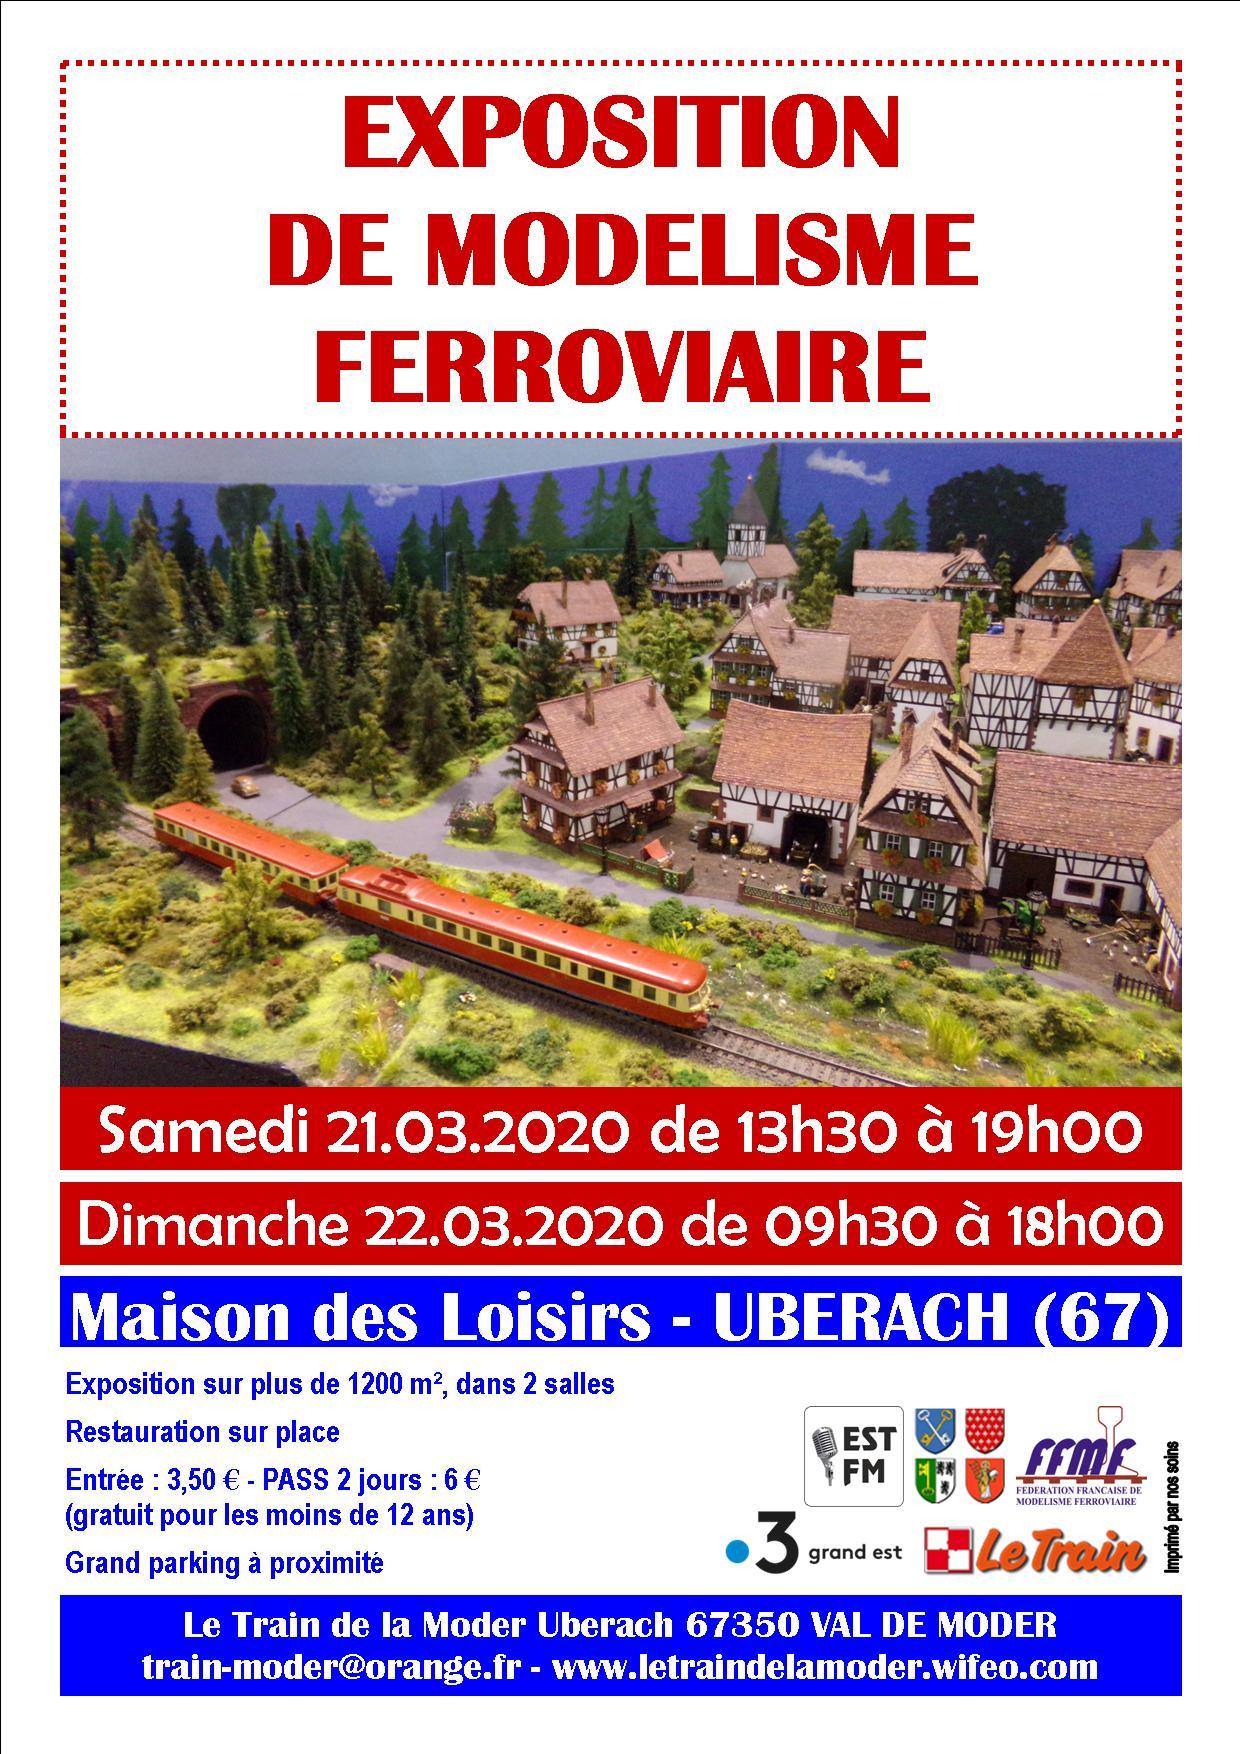 Exposition de Modélisme Ferroviaire